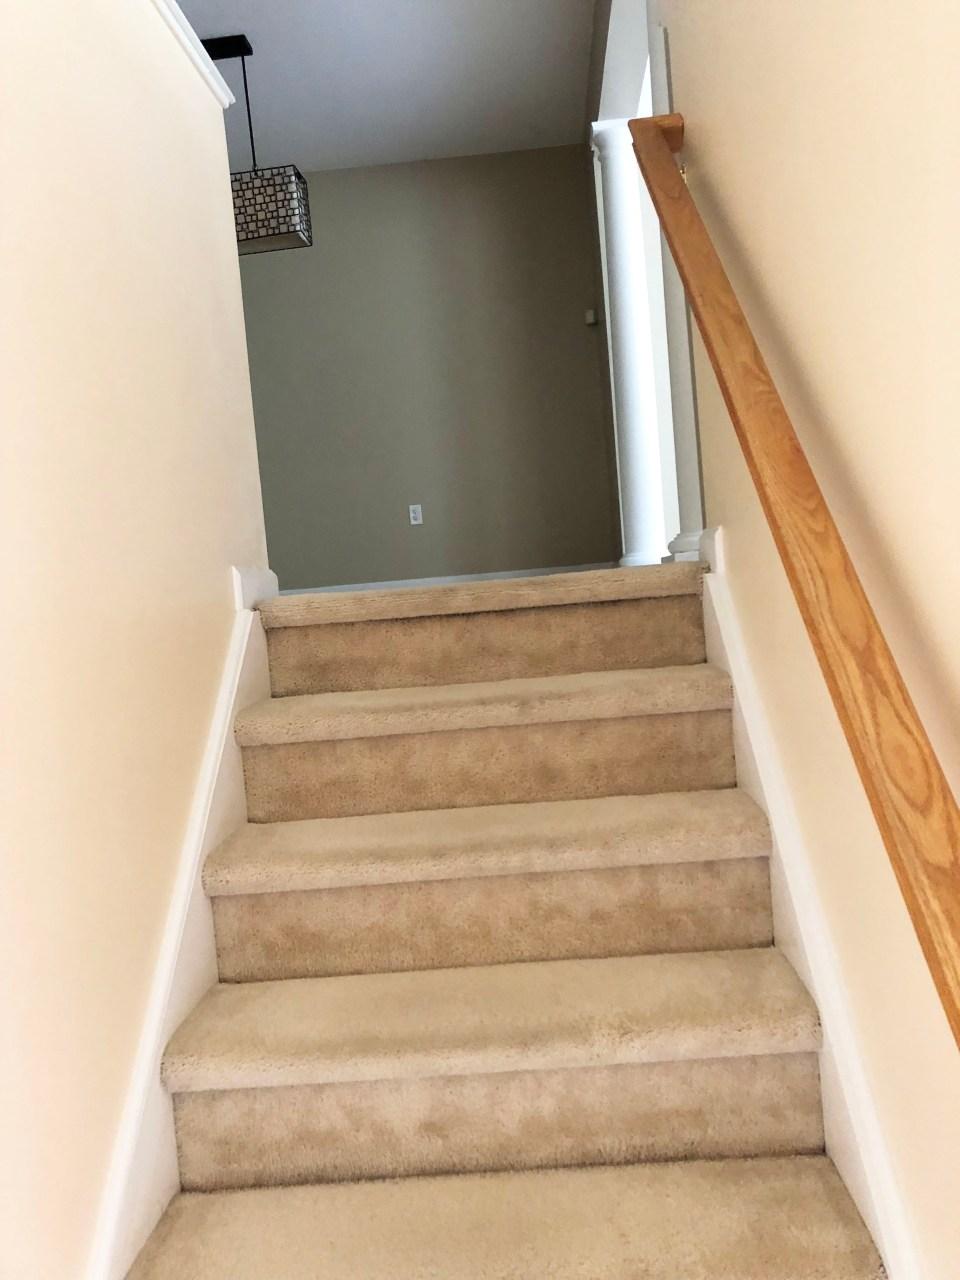 Foyer - Stairs Update 3